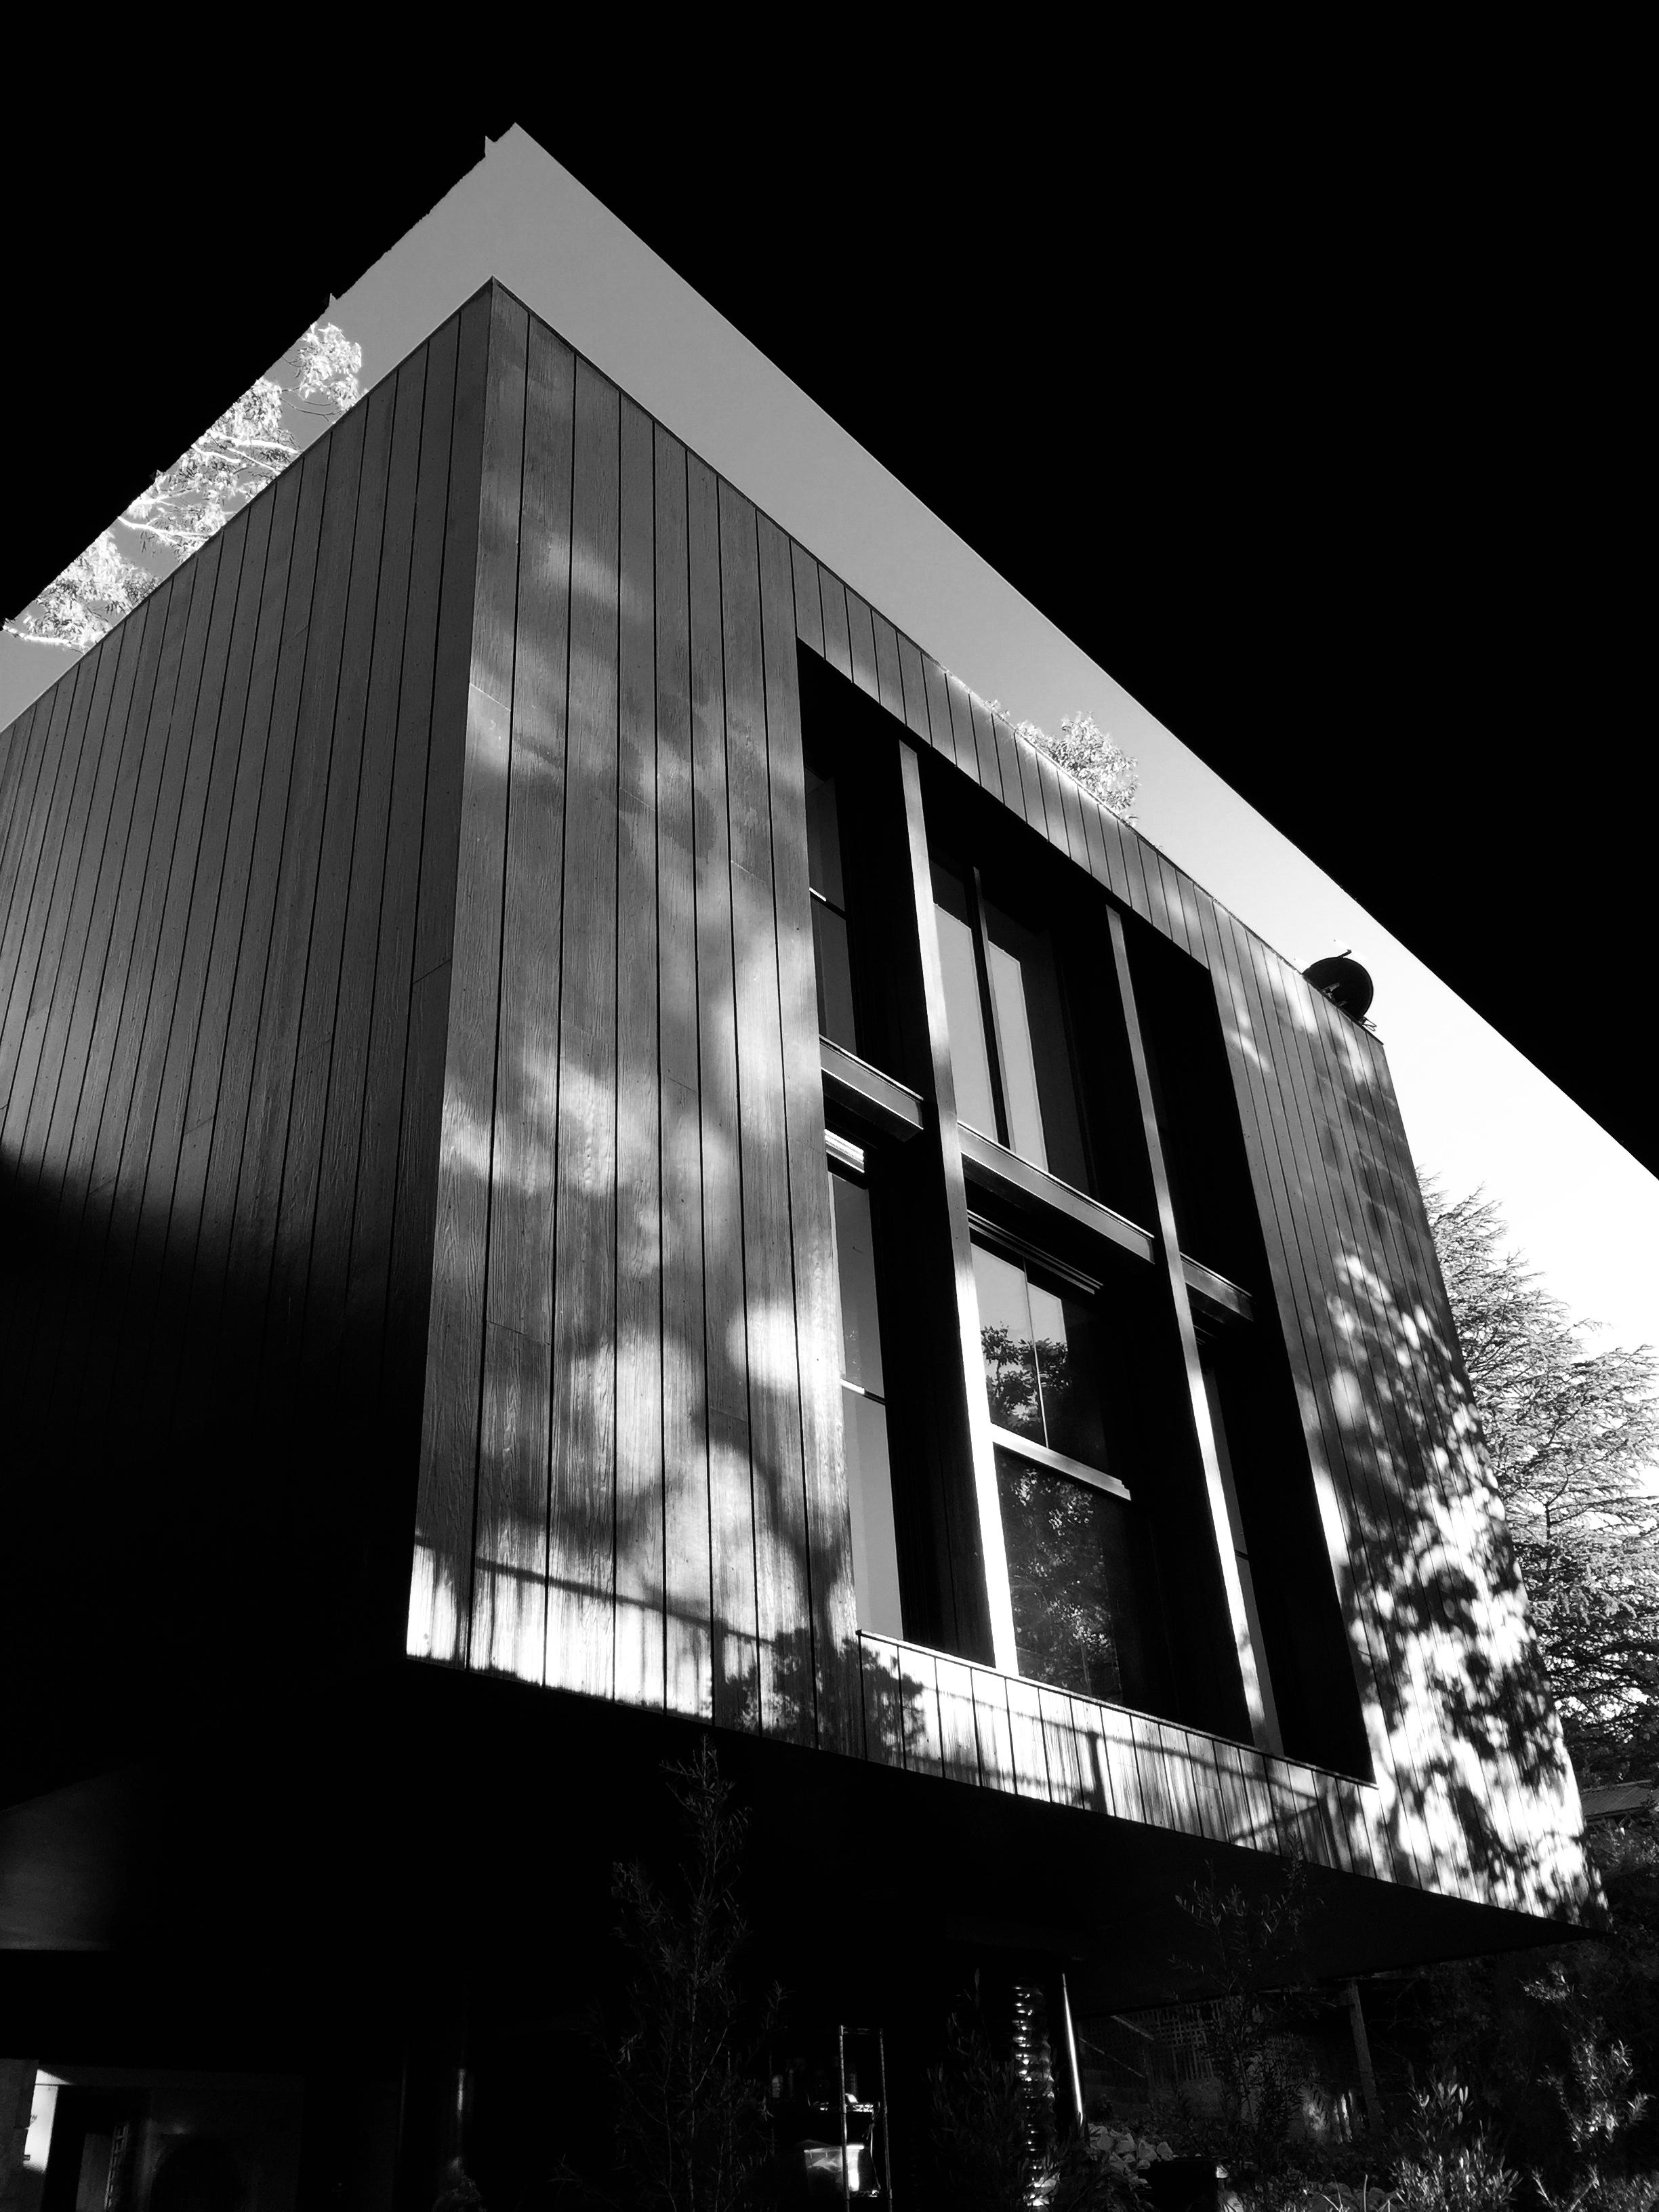 m_lukic_architect_kamimura_project 03